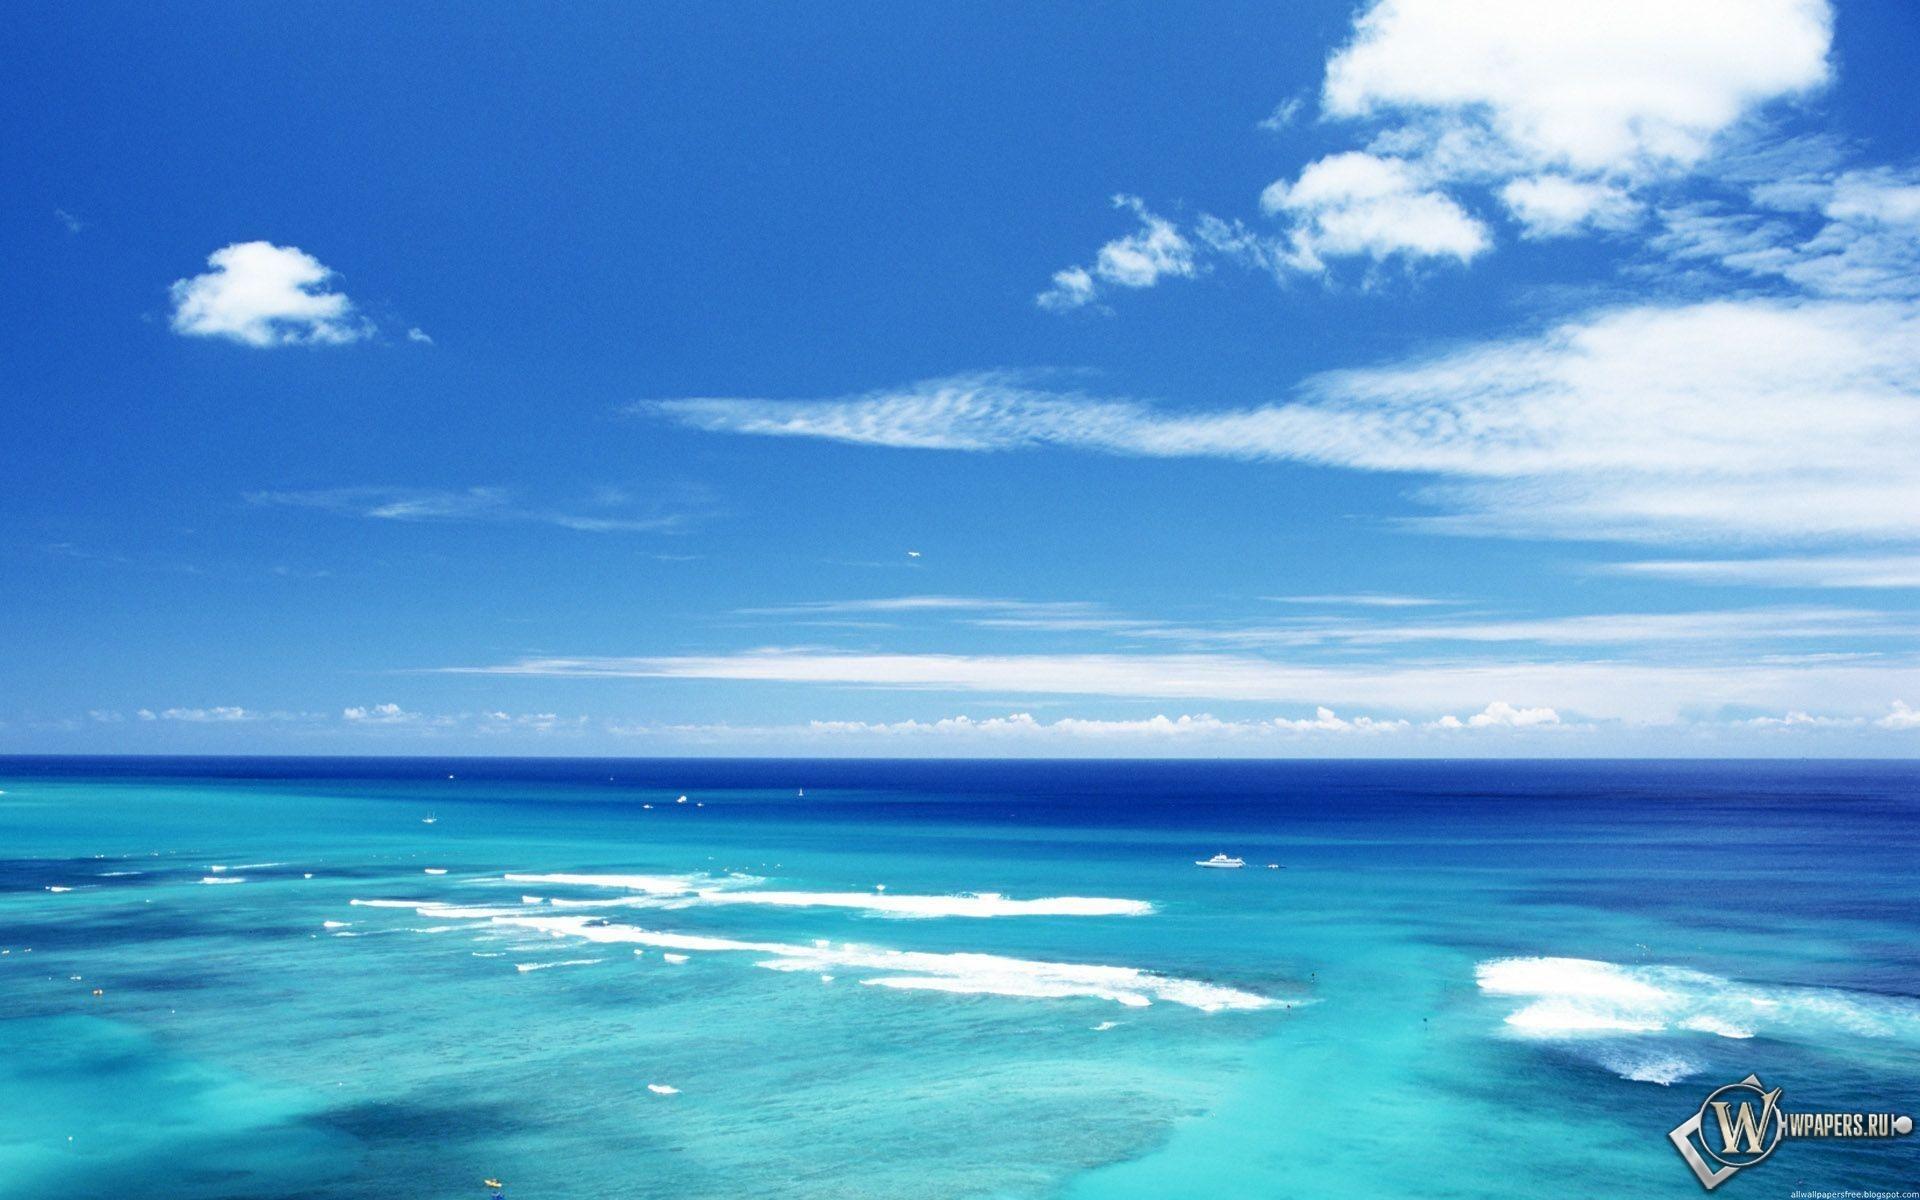 Море и небо 1920x1200